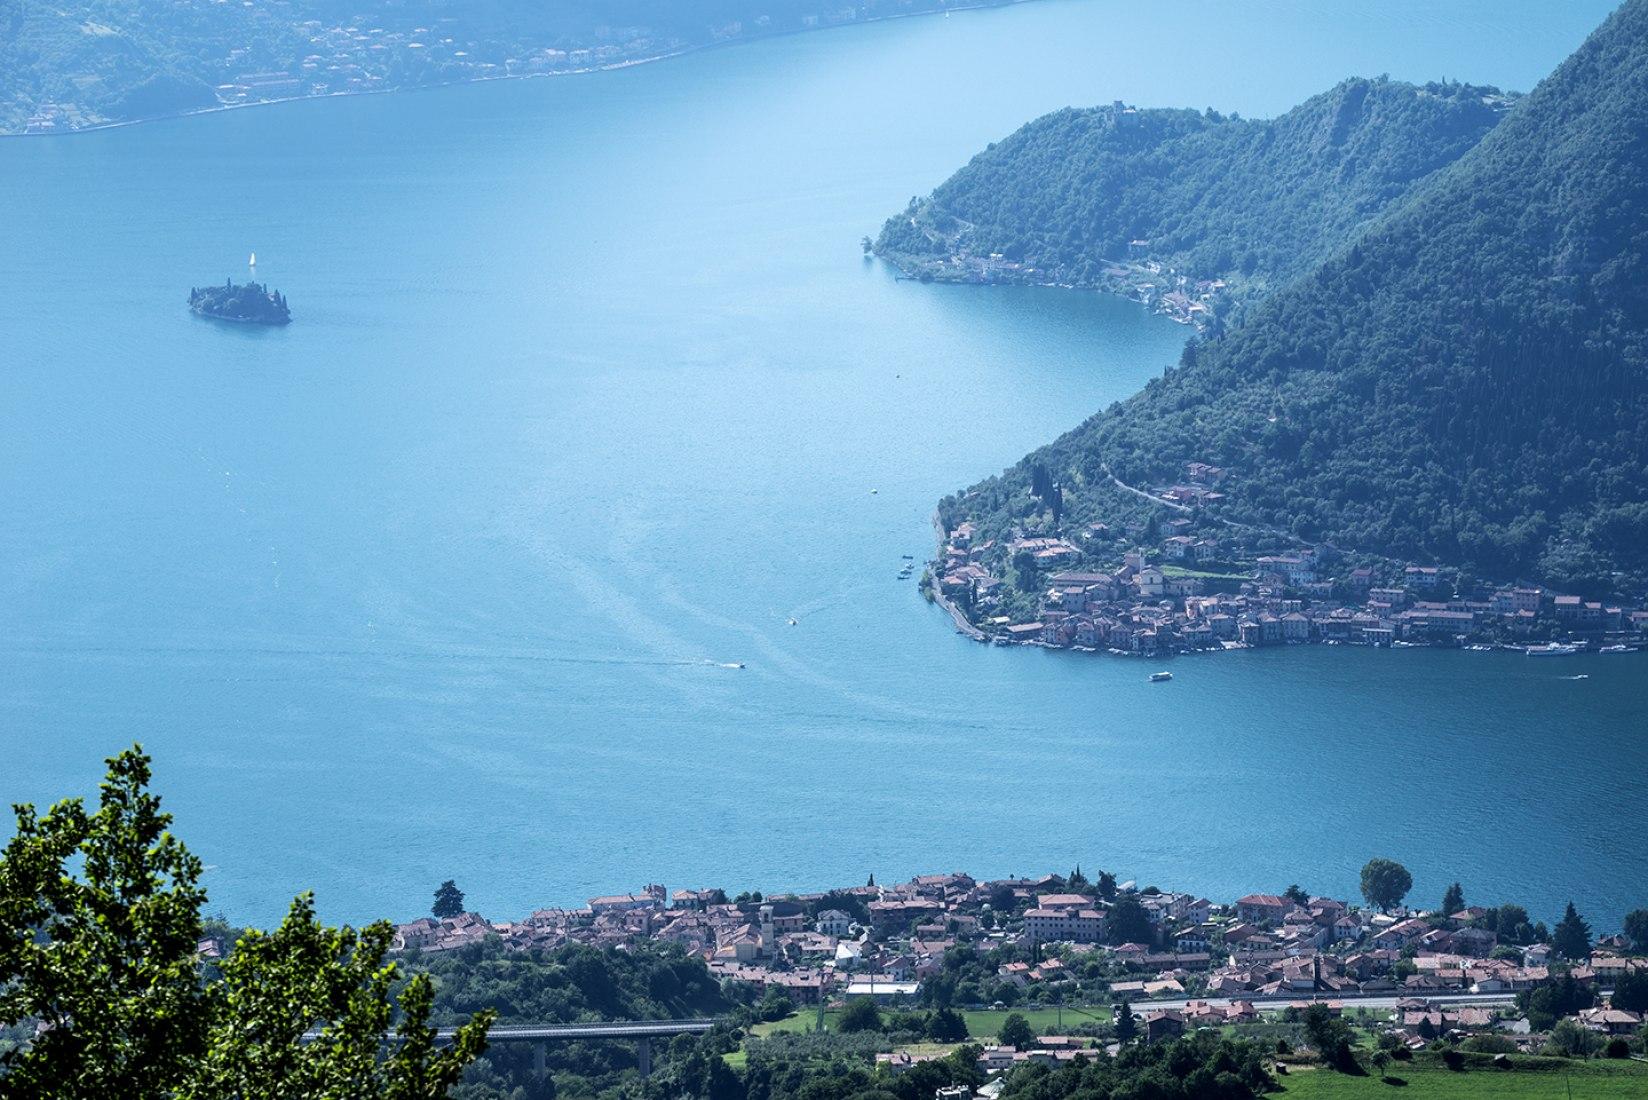 Lago Iseo con la ciudad de Sulzano en el primer plano, la isla de Monte Isola de la derecha y la isla de San Pablo de la izquierda. Imagen © Wolfgang Volz.